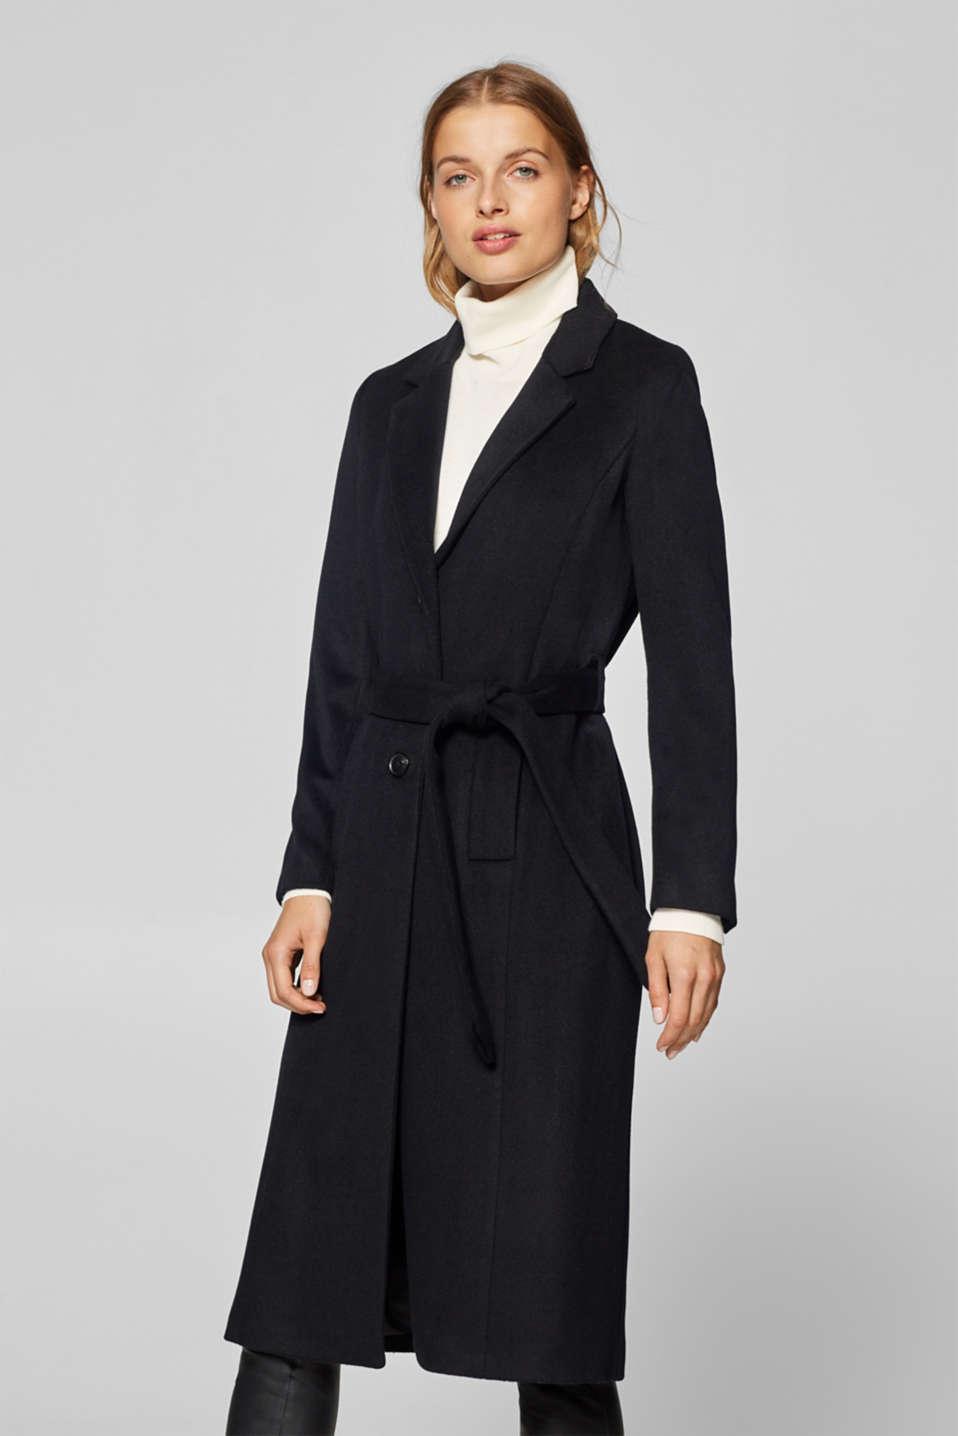 Esprit – Směs vlny a kašmíru  kabát s opaskem v našem on-line shopu 0e9f1bd572